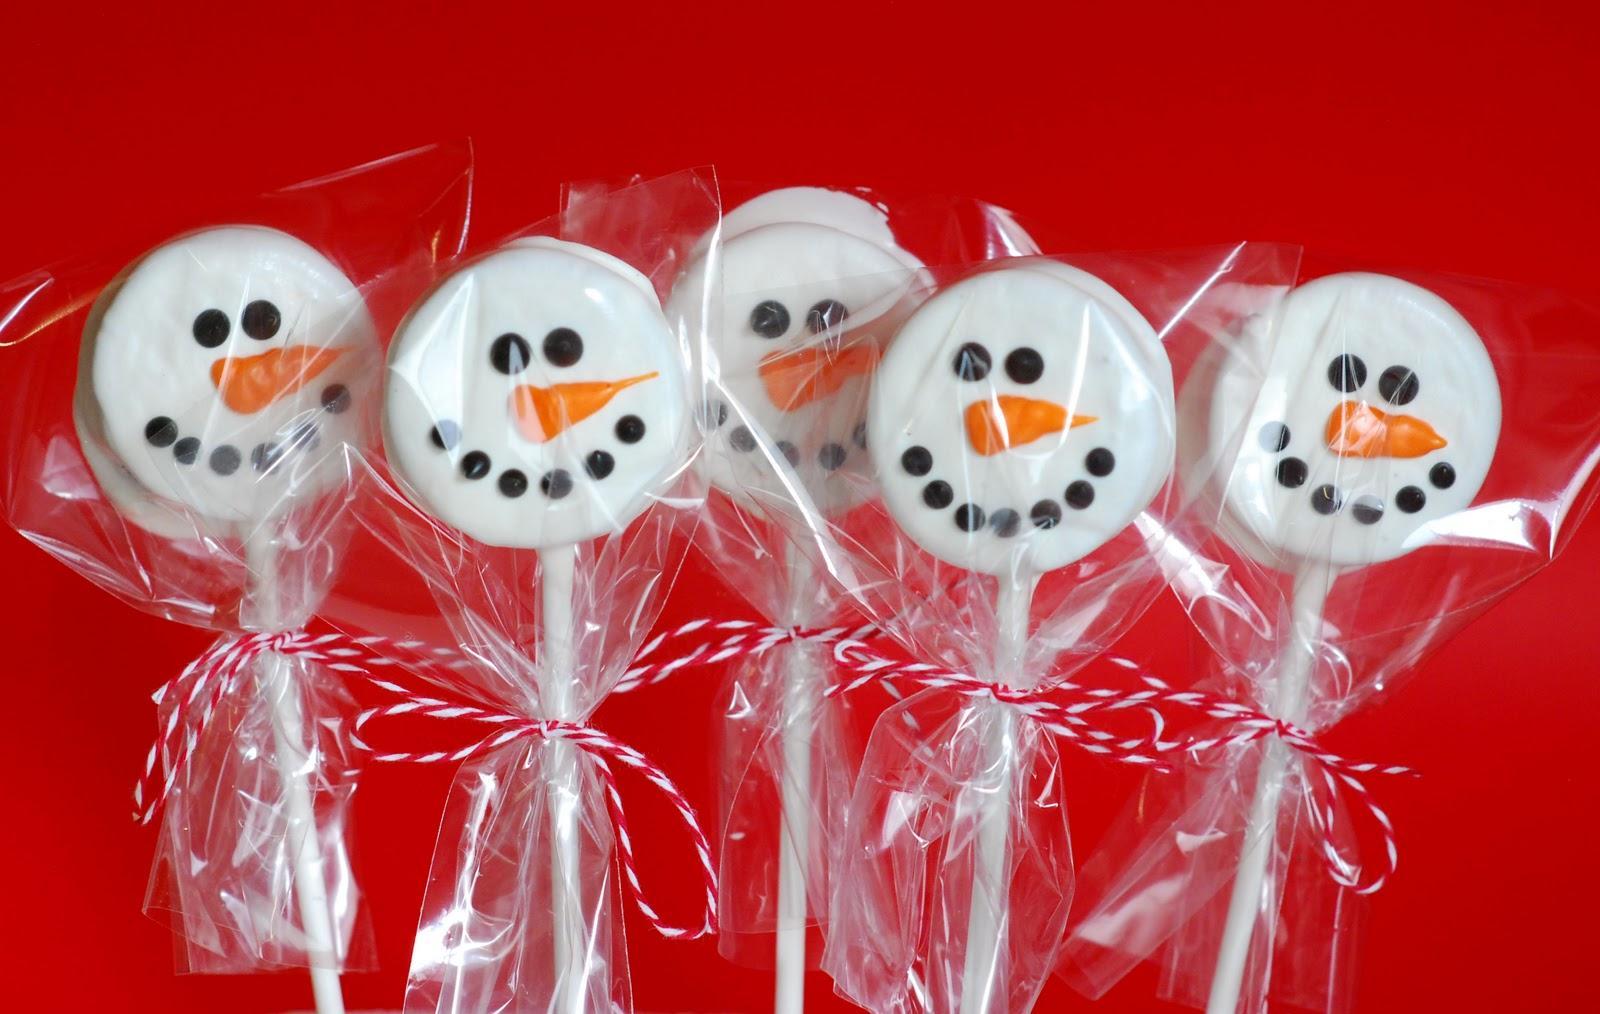 Manualidades Faciles De Navidad Para Regalar - Ideas-para-regalar-en-navidad-manualidades